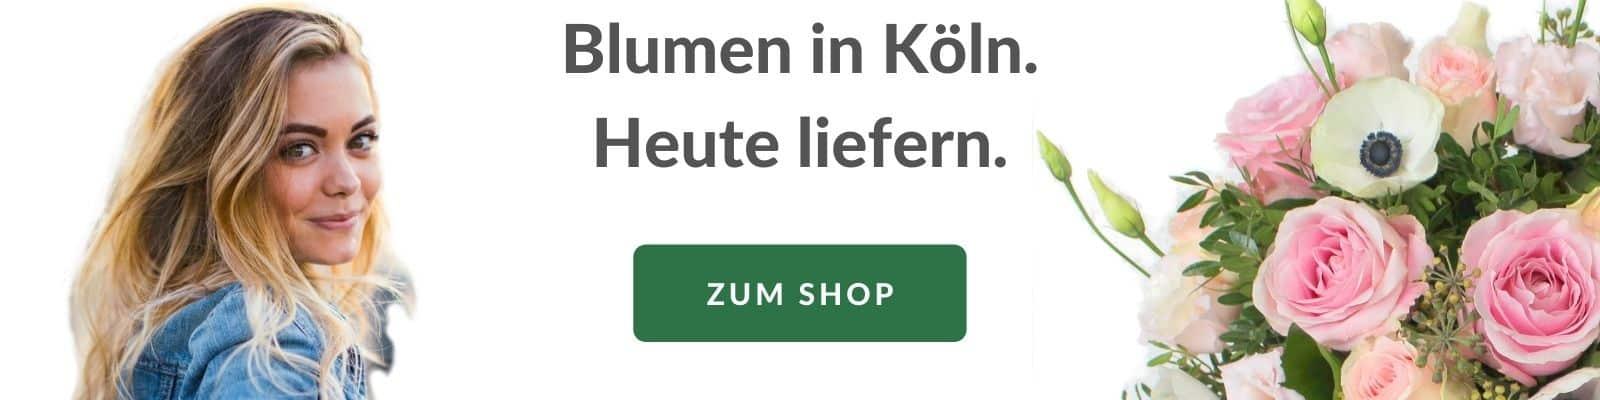 Blumen verschicken Köln - Blumenversand